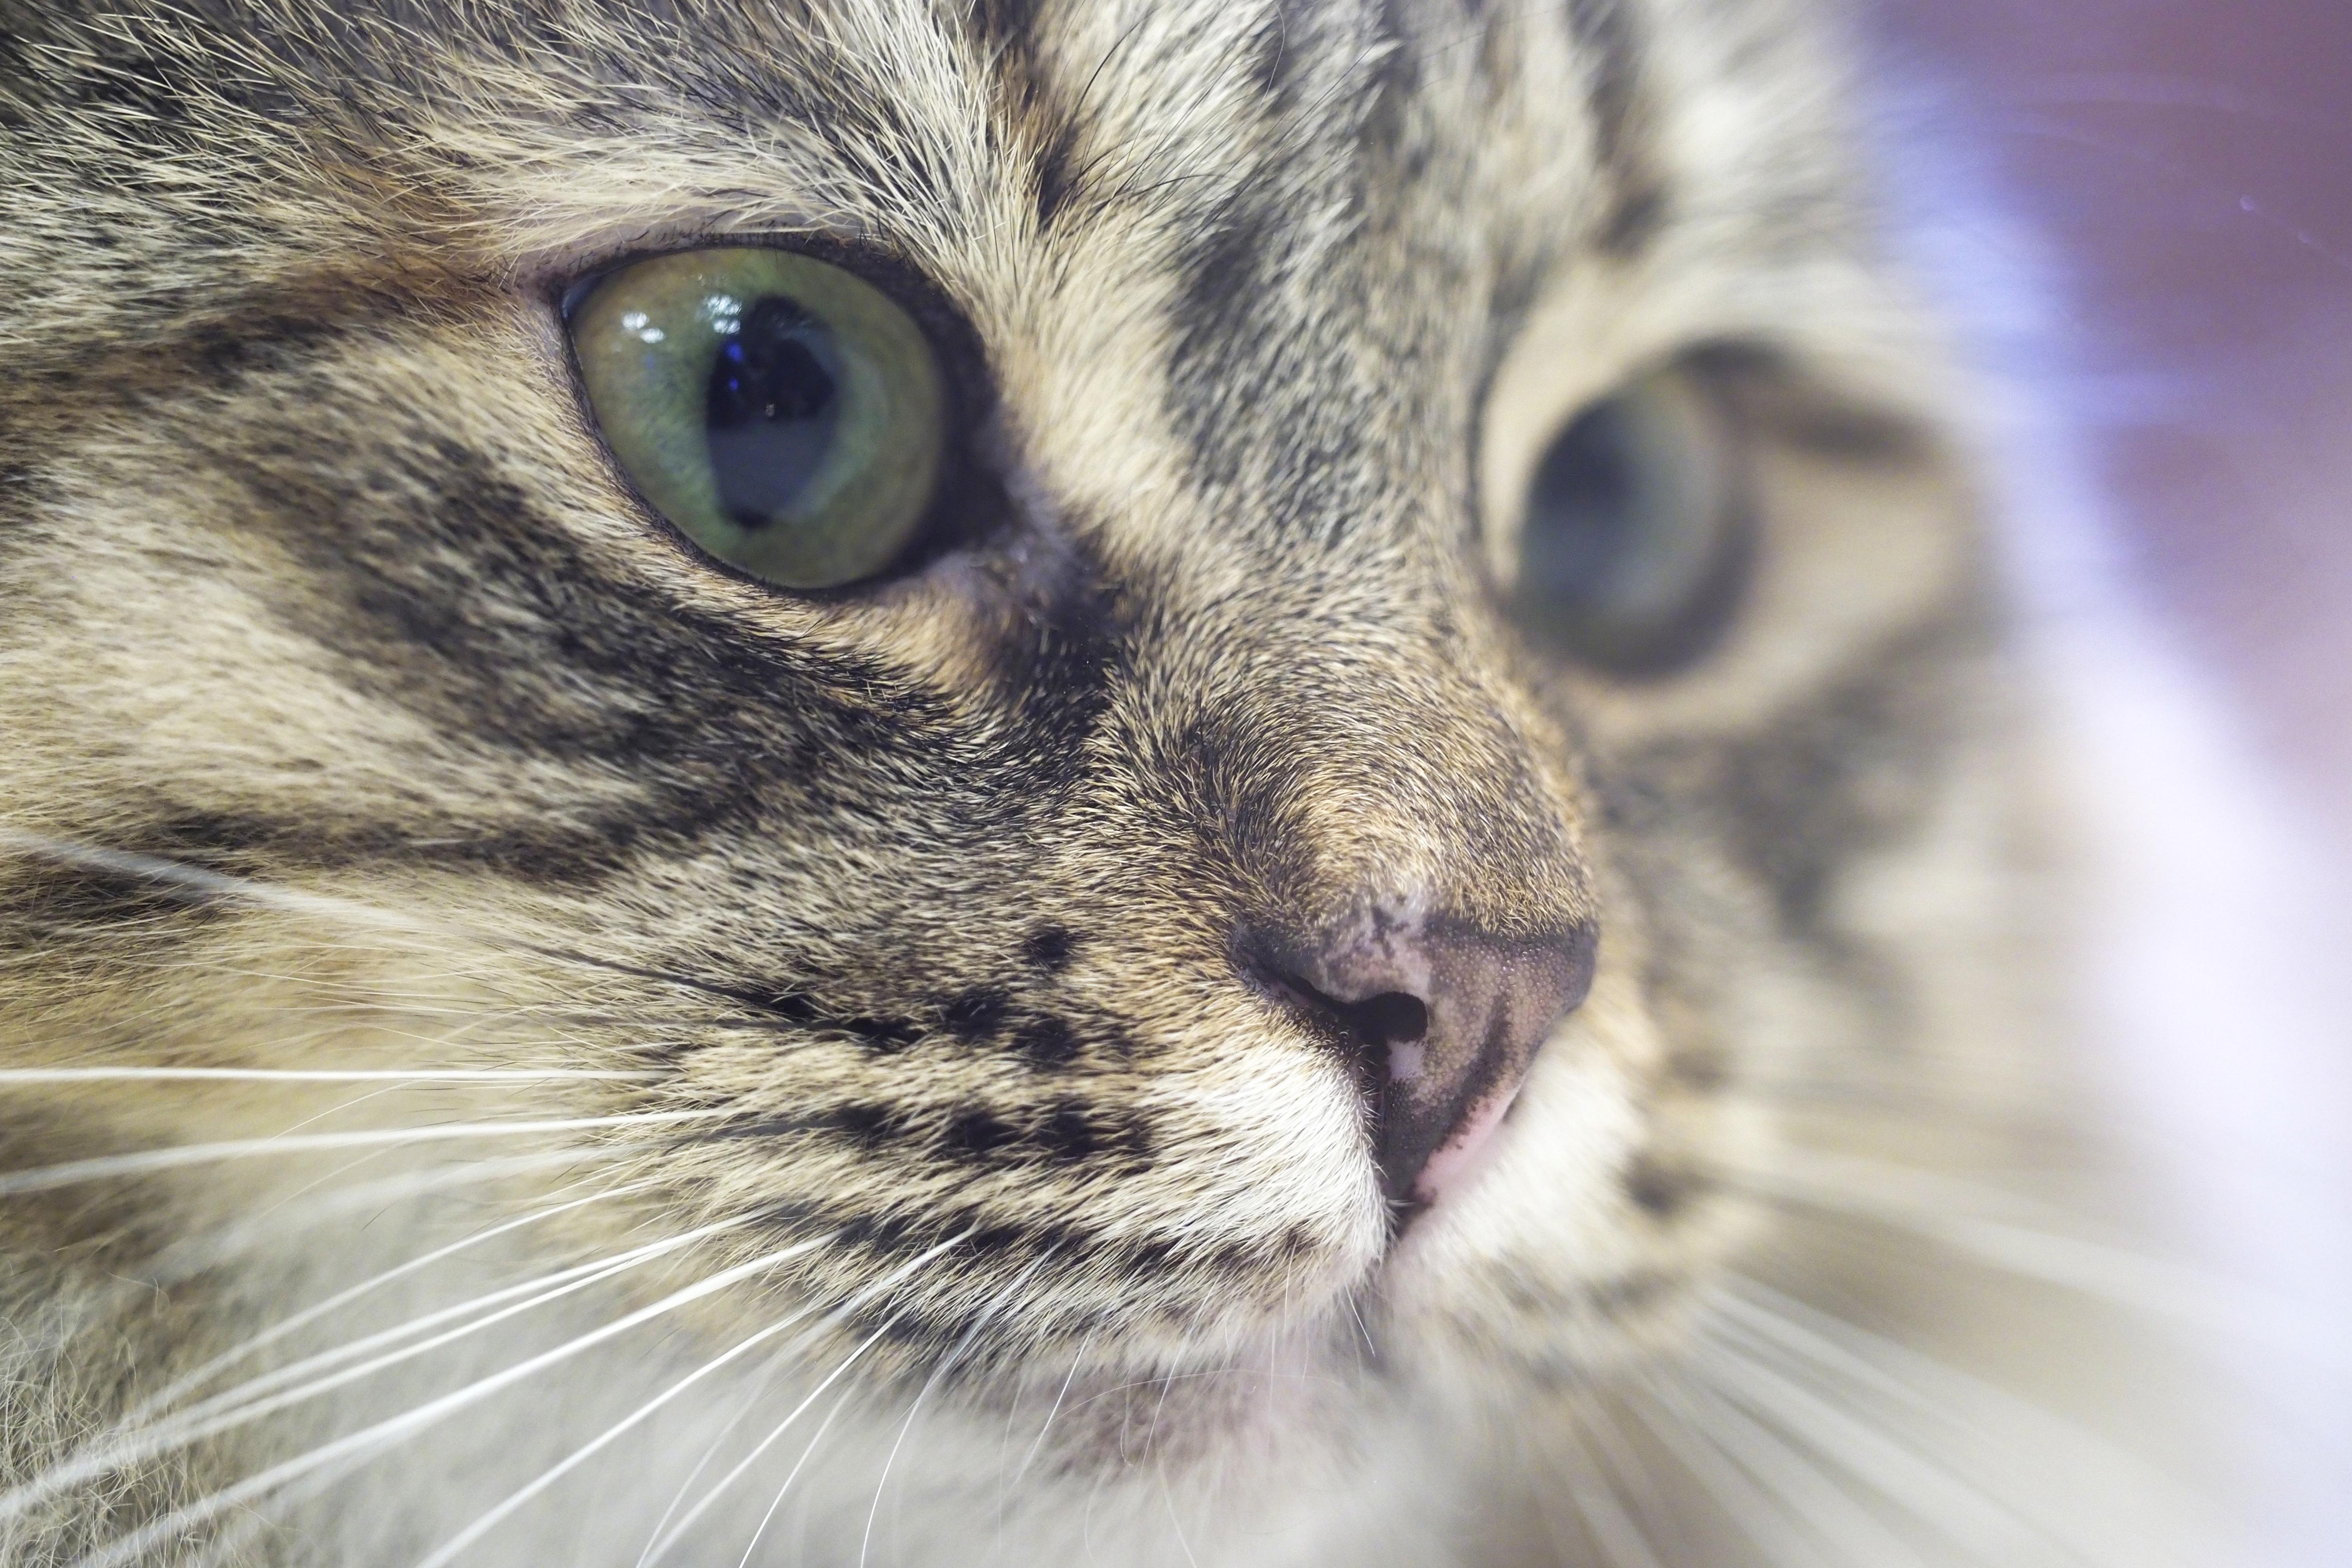 Ветеринары в Москве приняли 47 тысяч кошек за год